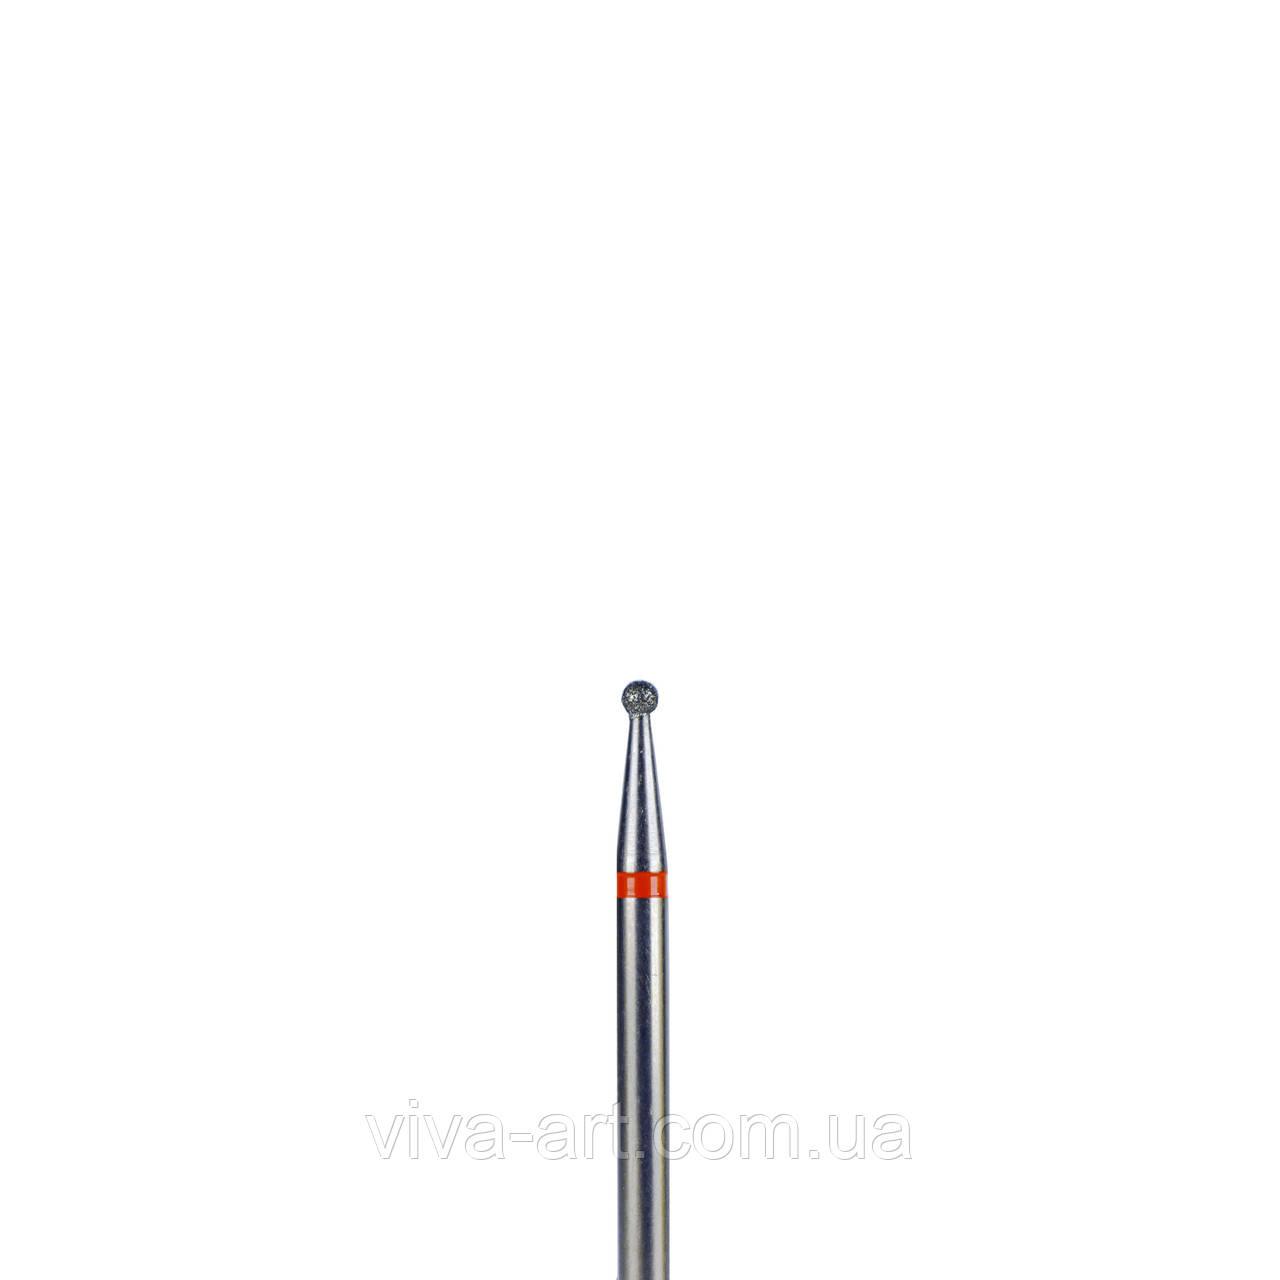 Алмазна насадка шарик, 1.6 мм, Meisinger (Германия) (абразивность в ассортименте)